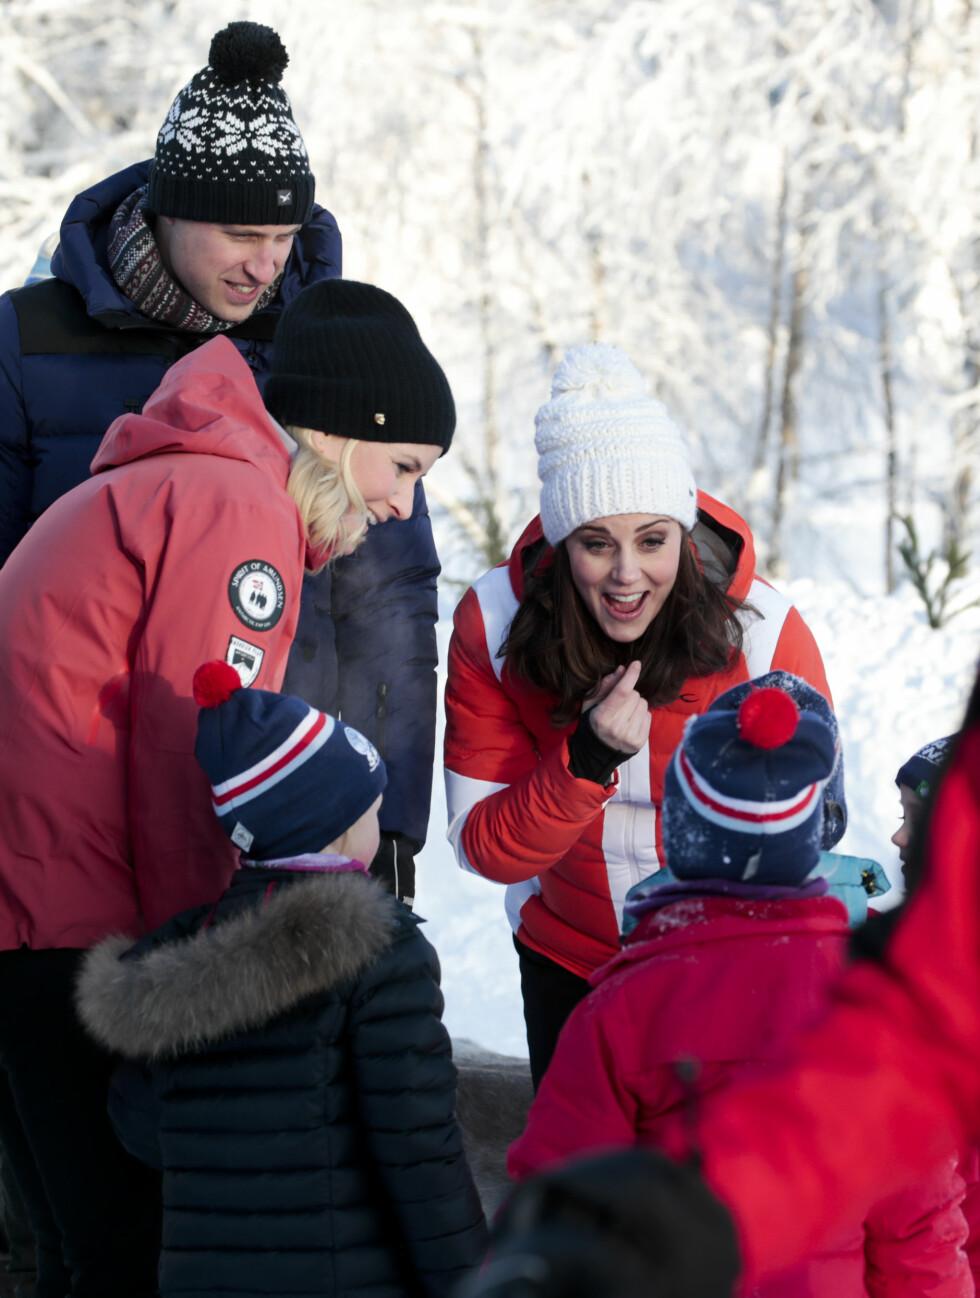 VARME: Hertuginne Kate og kronprinsesse Mette-Marit møtte barna ved friluftsbarnehagen ved Øvresetertjern ved Tryvann. FOTO: NTB Scanpix